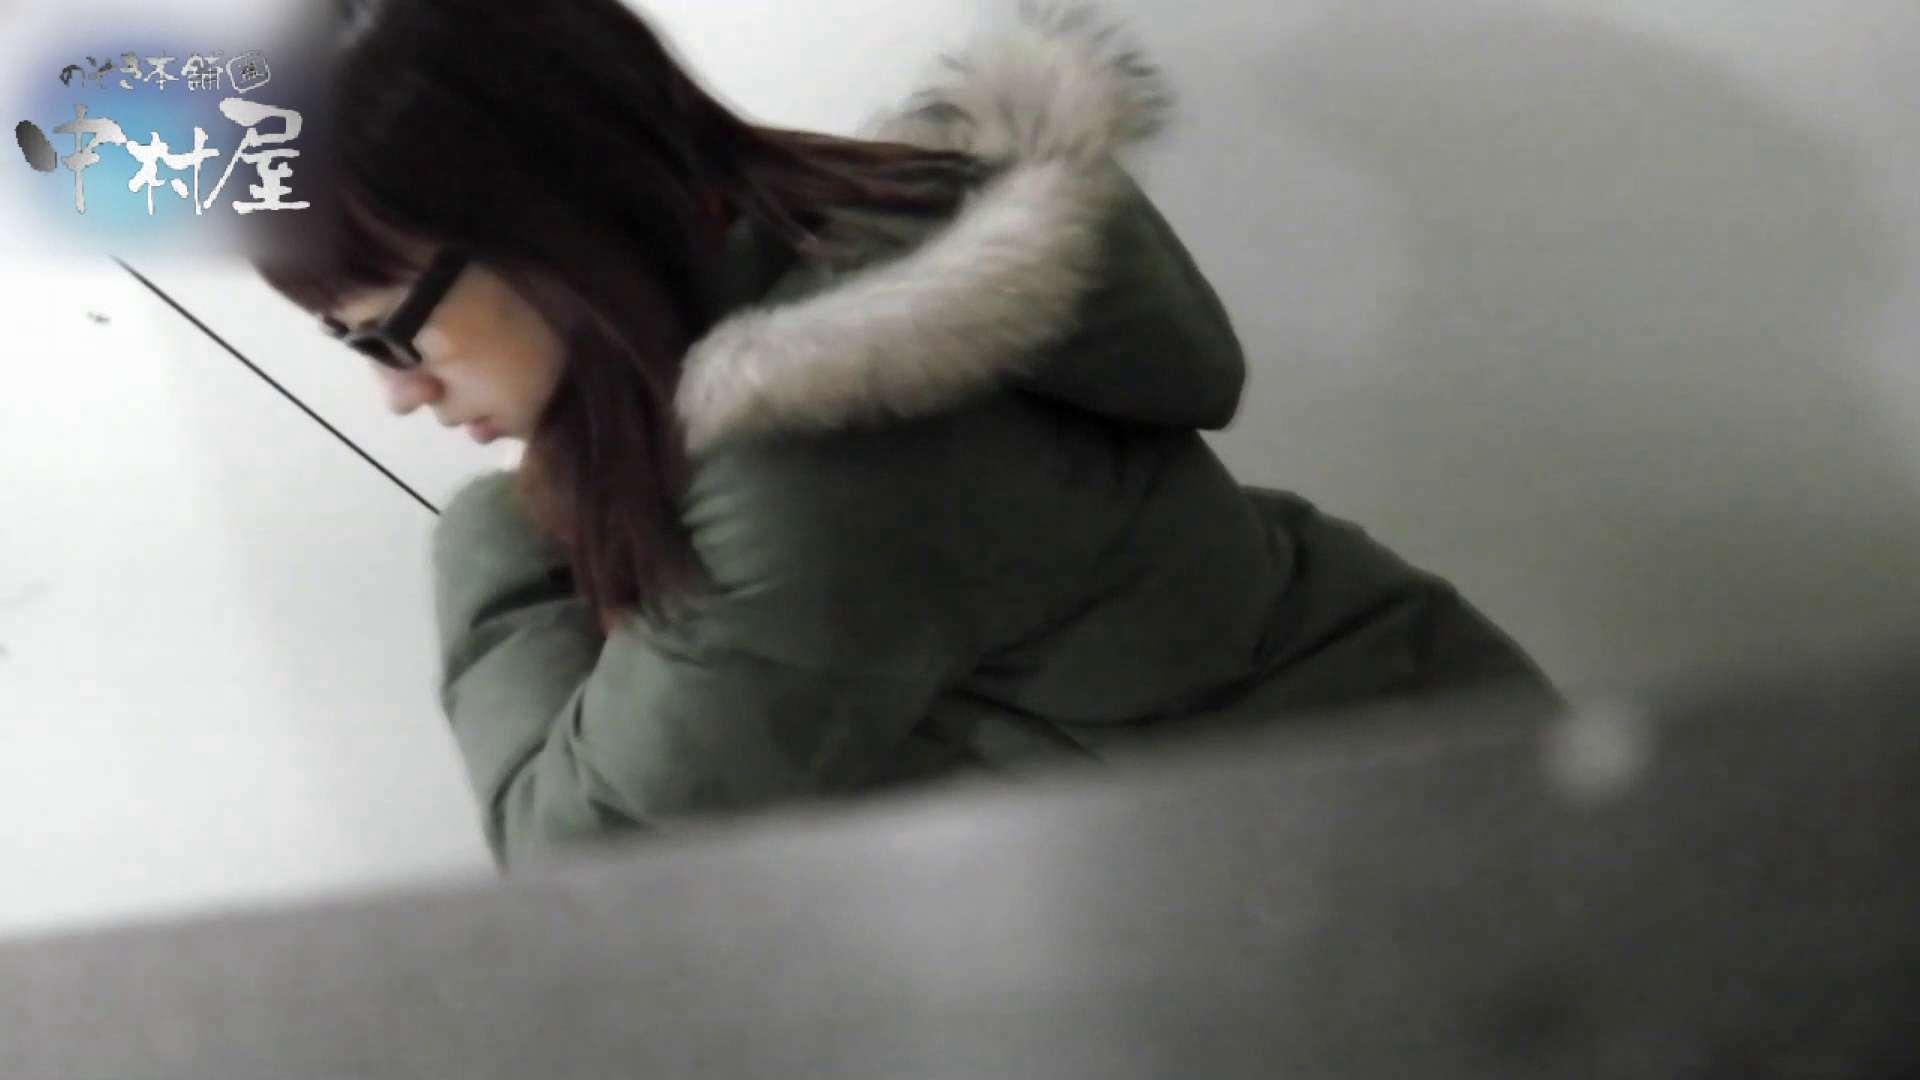 乙女集まる!ショッピングモール潜入撮vol.12 OLエロ画像   潜入  60PICs 1